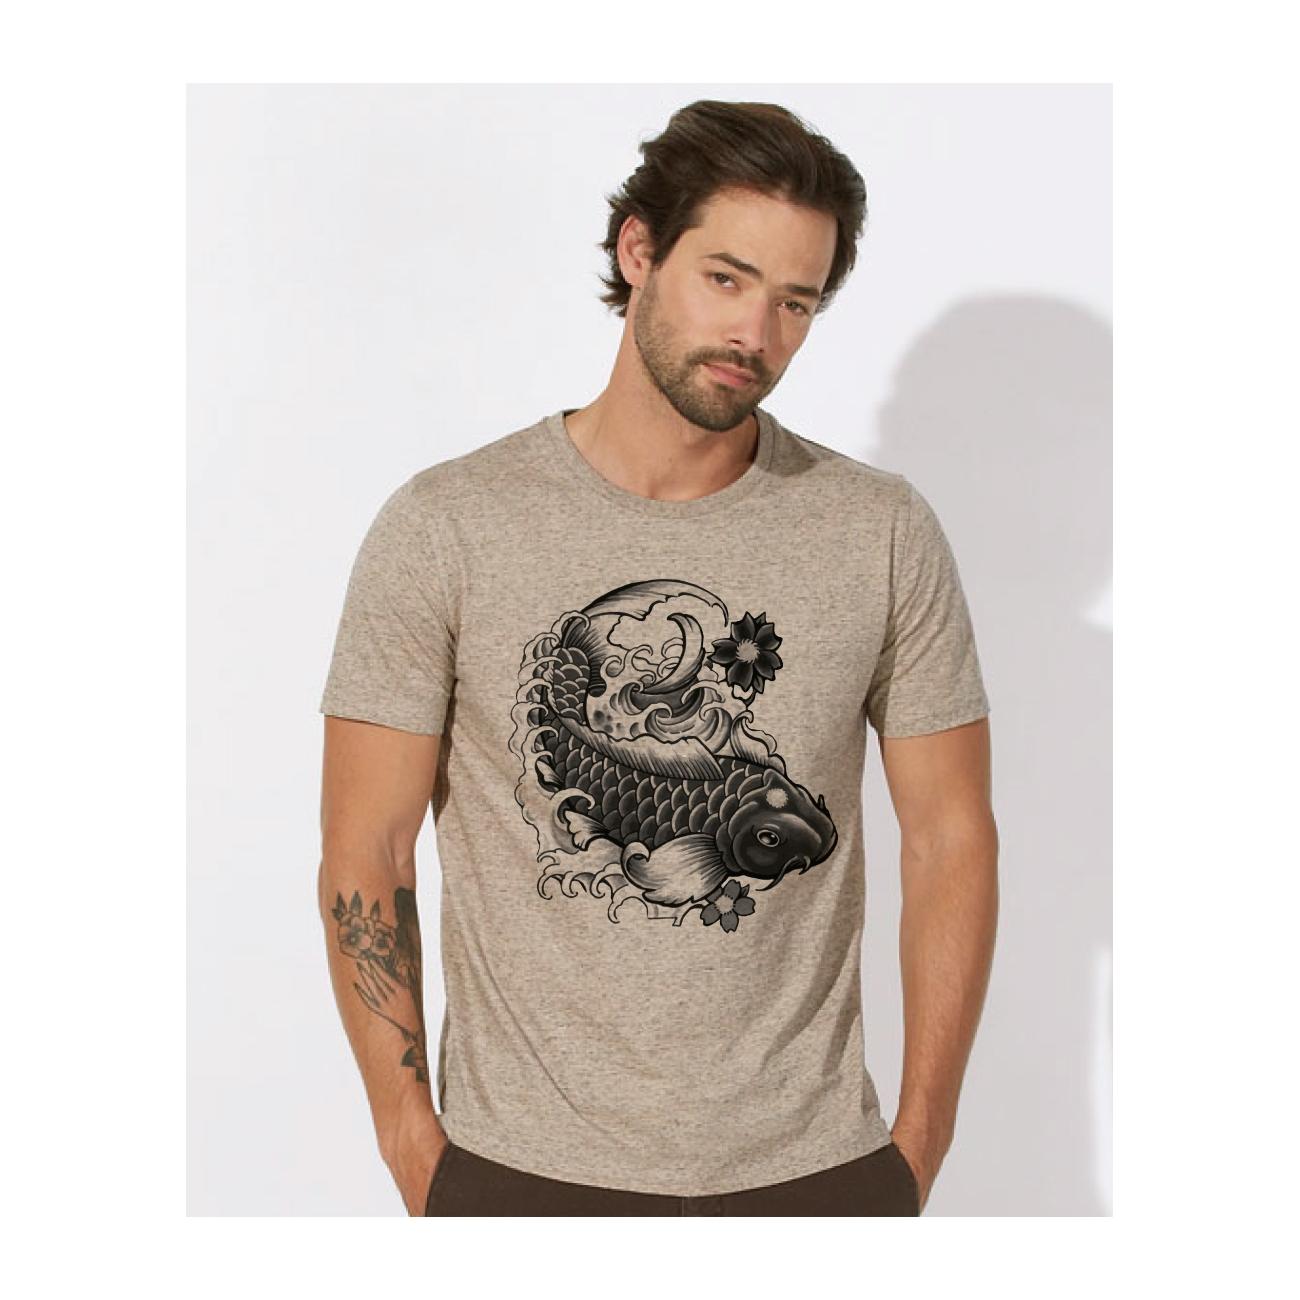 http://tee-shirt-bio.com/3647-thickbox_default/tee-shirt-homme-100-coton-bio-doux-equitable-beau-beige-chine-imprime-ide-japonais-leads-187-.jpg